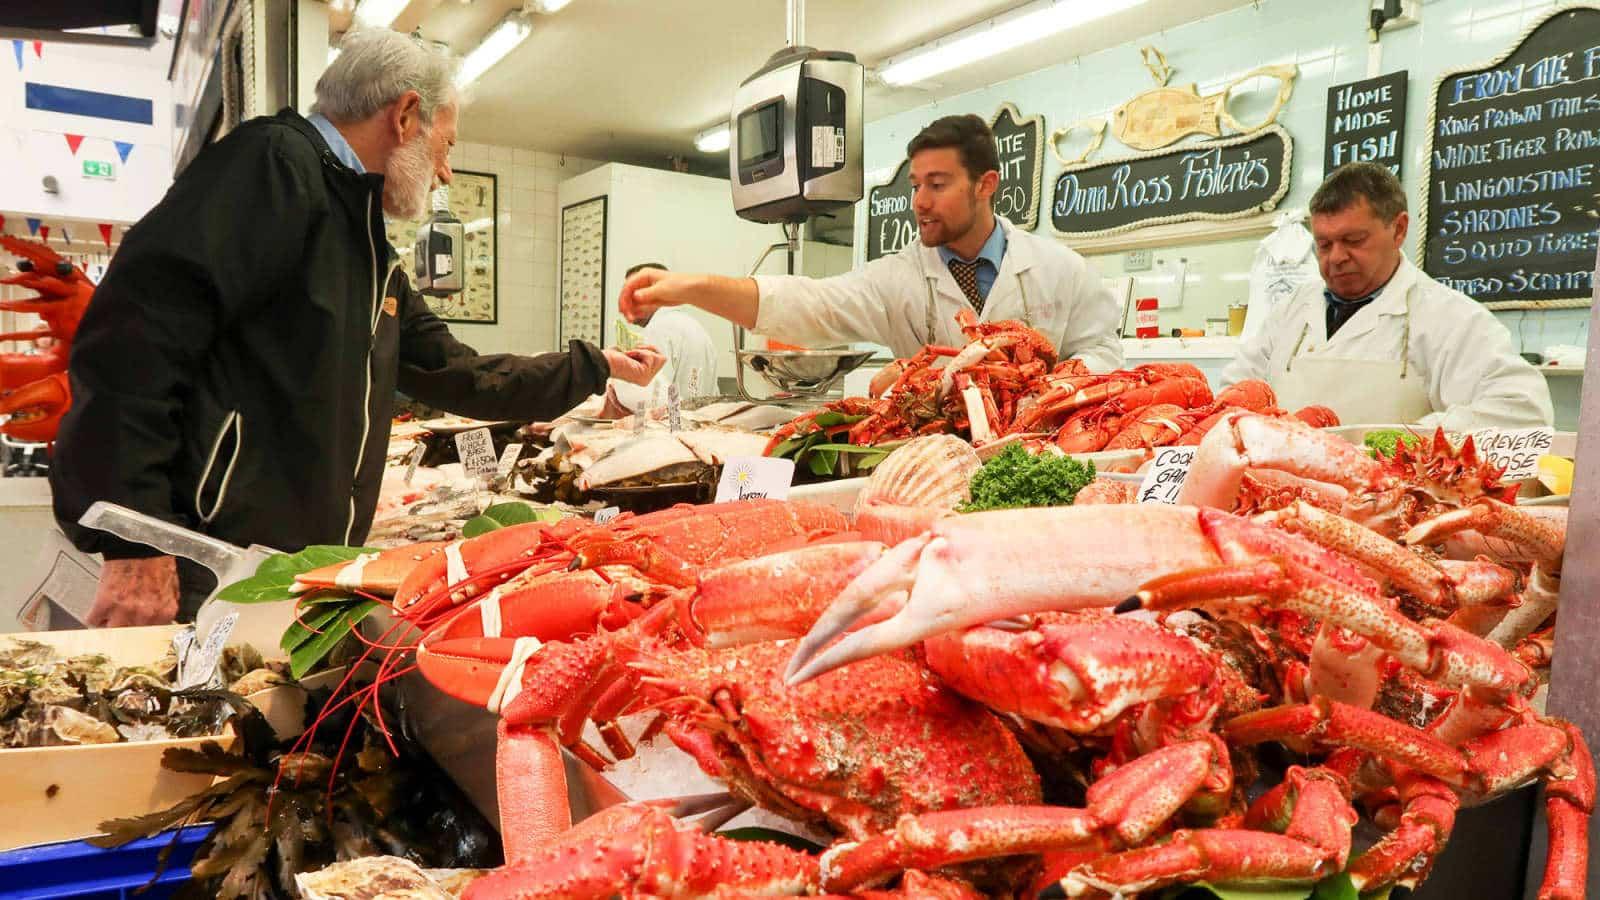 ສະຫະລັດຕົກອອກຈາກ 10 ປະເທດທີ່ສົ່ງອອກສິນໃນນໍ້າທີ່ໃຫ່ຍທີ່ສຸດຂອງໂລກ - 104526640 GettyImages 675019692 seafood market - ສະຫະລັດຕົກອອກຈາກ 10 ປະເທດທີ່ສົ່ງອອກສິນໃນນໍ້າທີ່ໃຫ່ຍທີ່ສຸດຂອງໂລກ